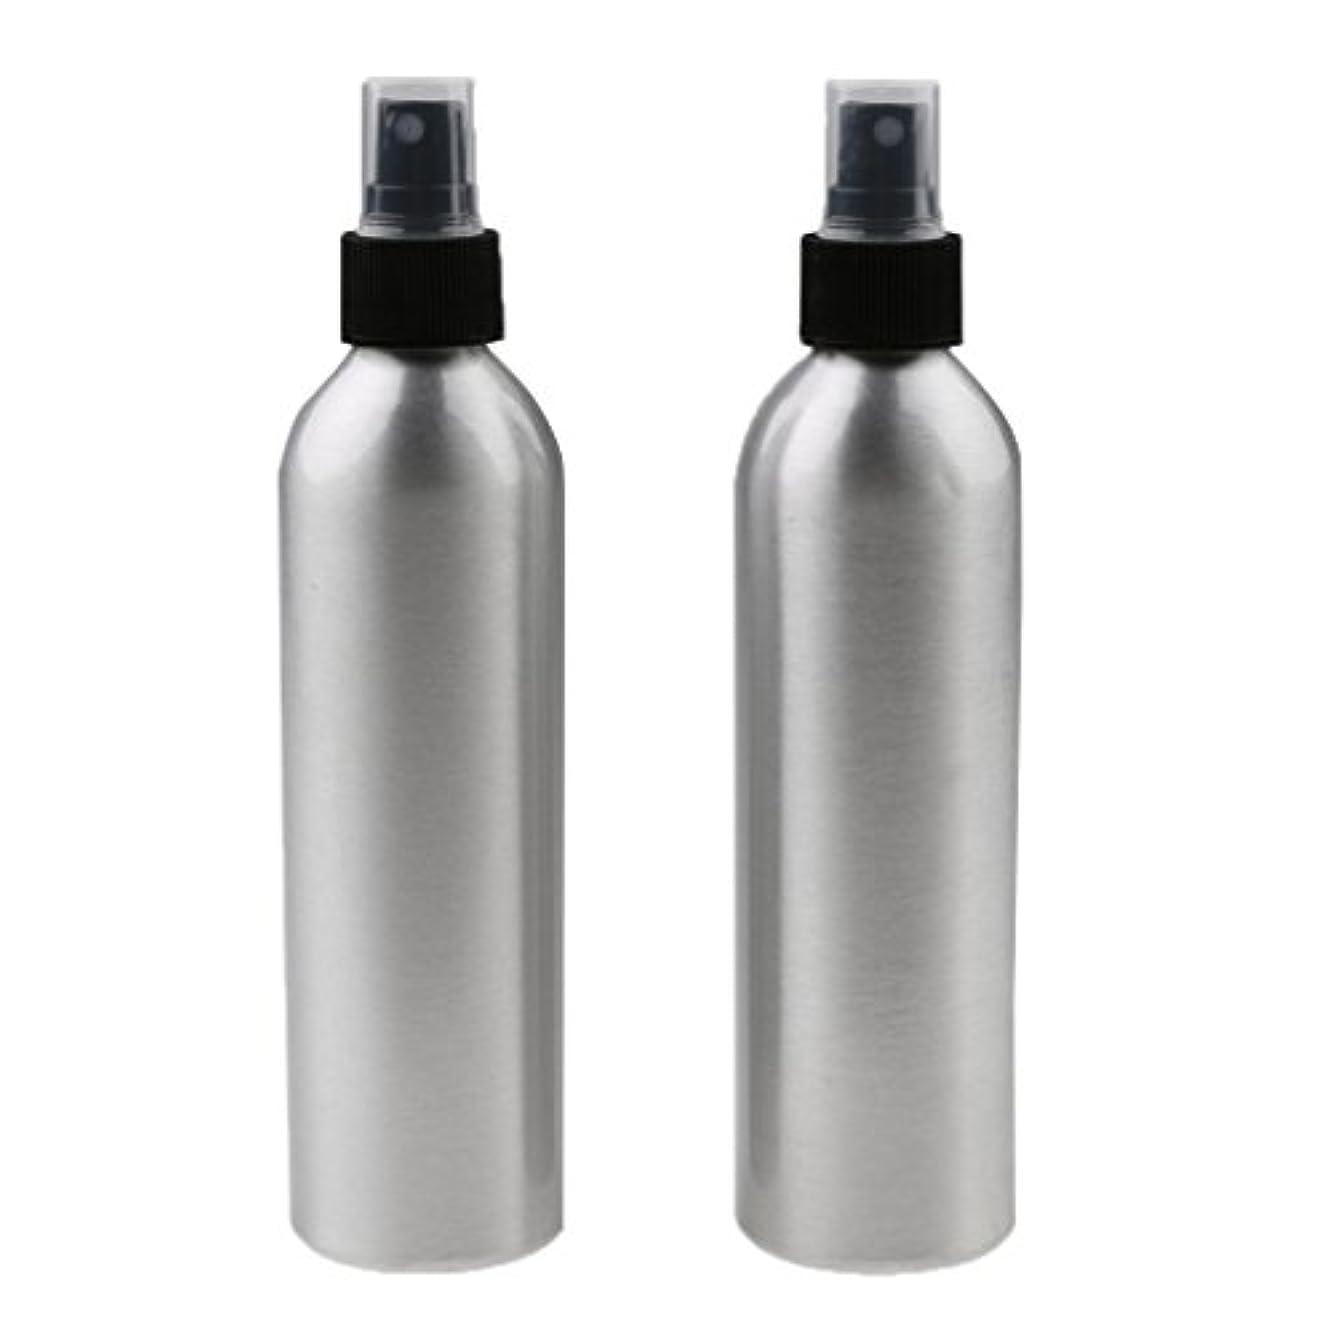 発疹イチゴチラチラするSONONIA 2個入り 旅行 アルミ ミスト スプレー 香水ボトル メイクアップ スプレー アトマイザー 小分けボトル  漏れ防止 出張 海外旅行用 全4サイズ - 100ml